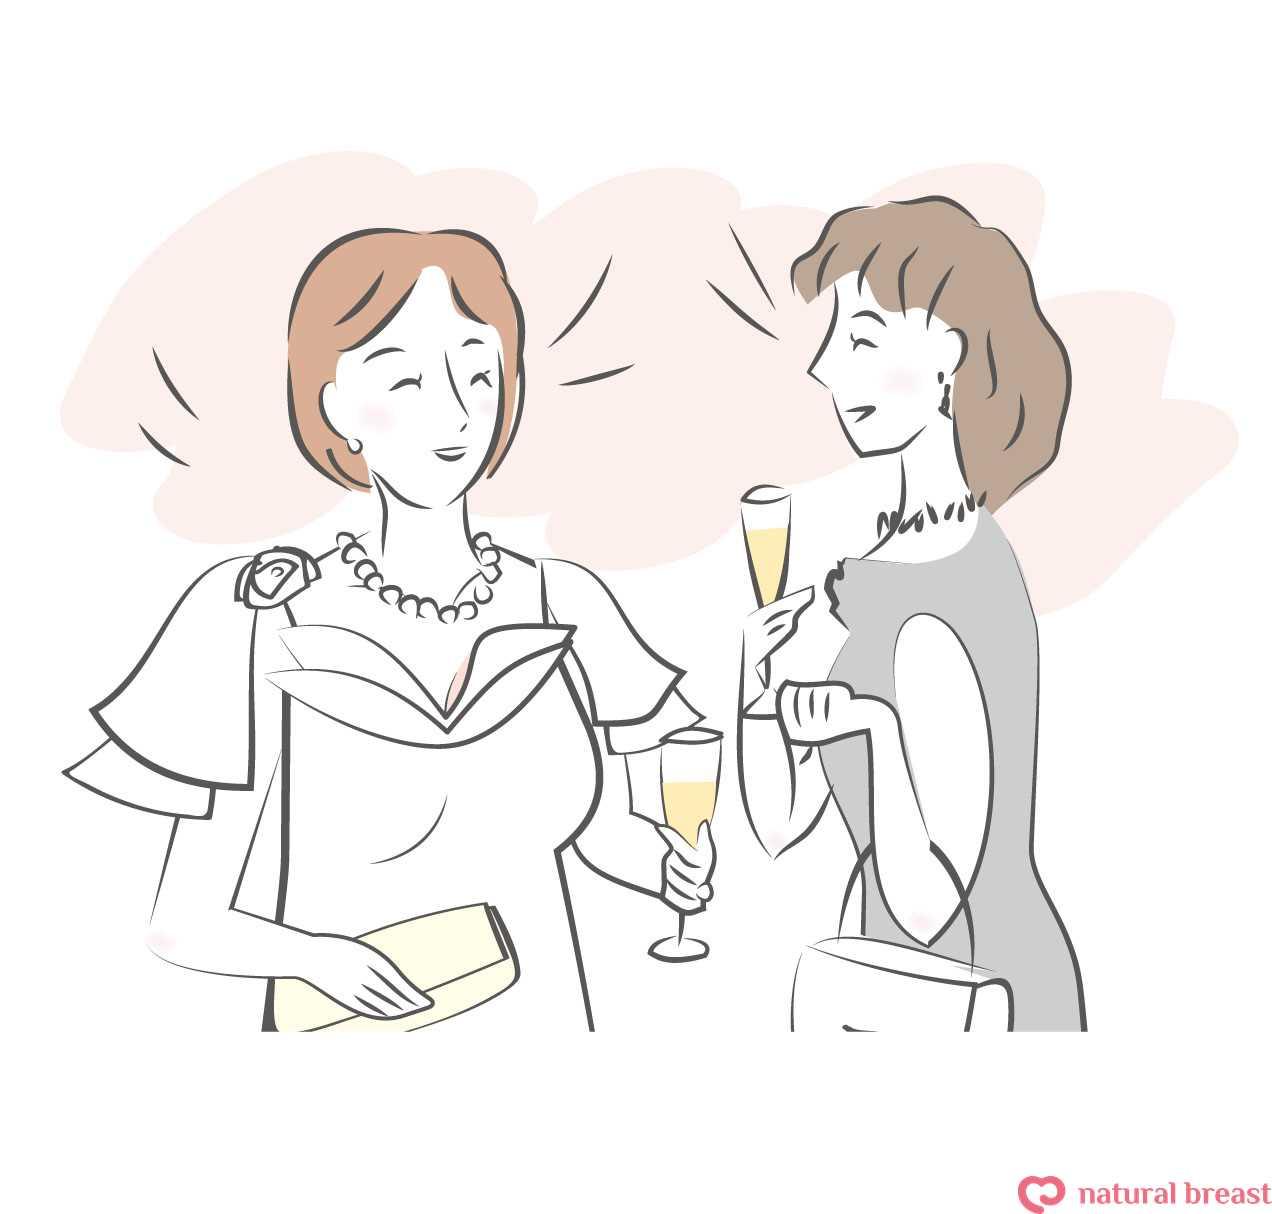 ぴったりの人工乳房で服選びが楽しみです。